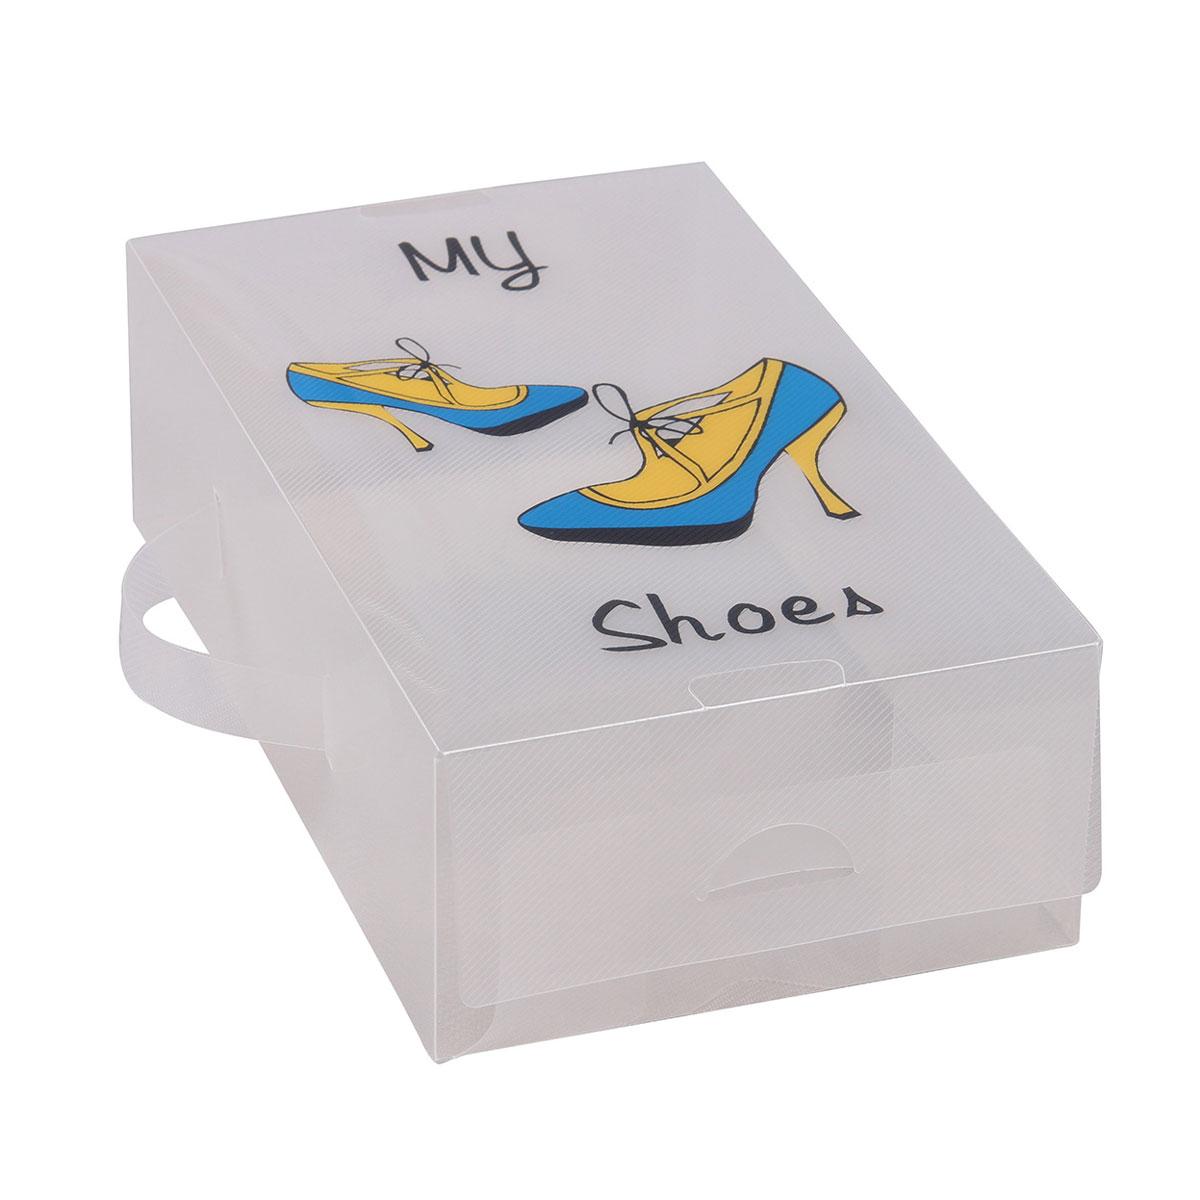 Короб для xранения обуви Miolla, 30 x 18 x 10 см. PLS-10RG-D31SУдобный пластиковый короб для хранения обуви Miolla станет идеальным решением для организации пространства вашего гардероба. Можно больше не переживать за сохранность дорогих туфель или изысканных босоножек, короб Miolla позволит отделить одну пару от другой и в отличие от картонных аналогов не потеряет форму, угрожая испортить любимую обувь.Размер короба: 30 х 18 х 10 см.